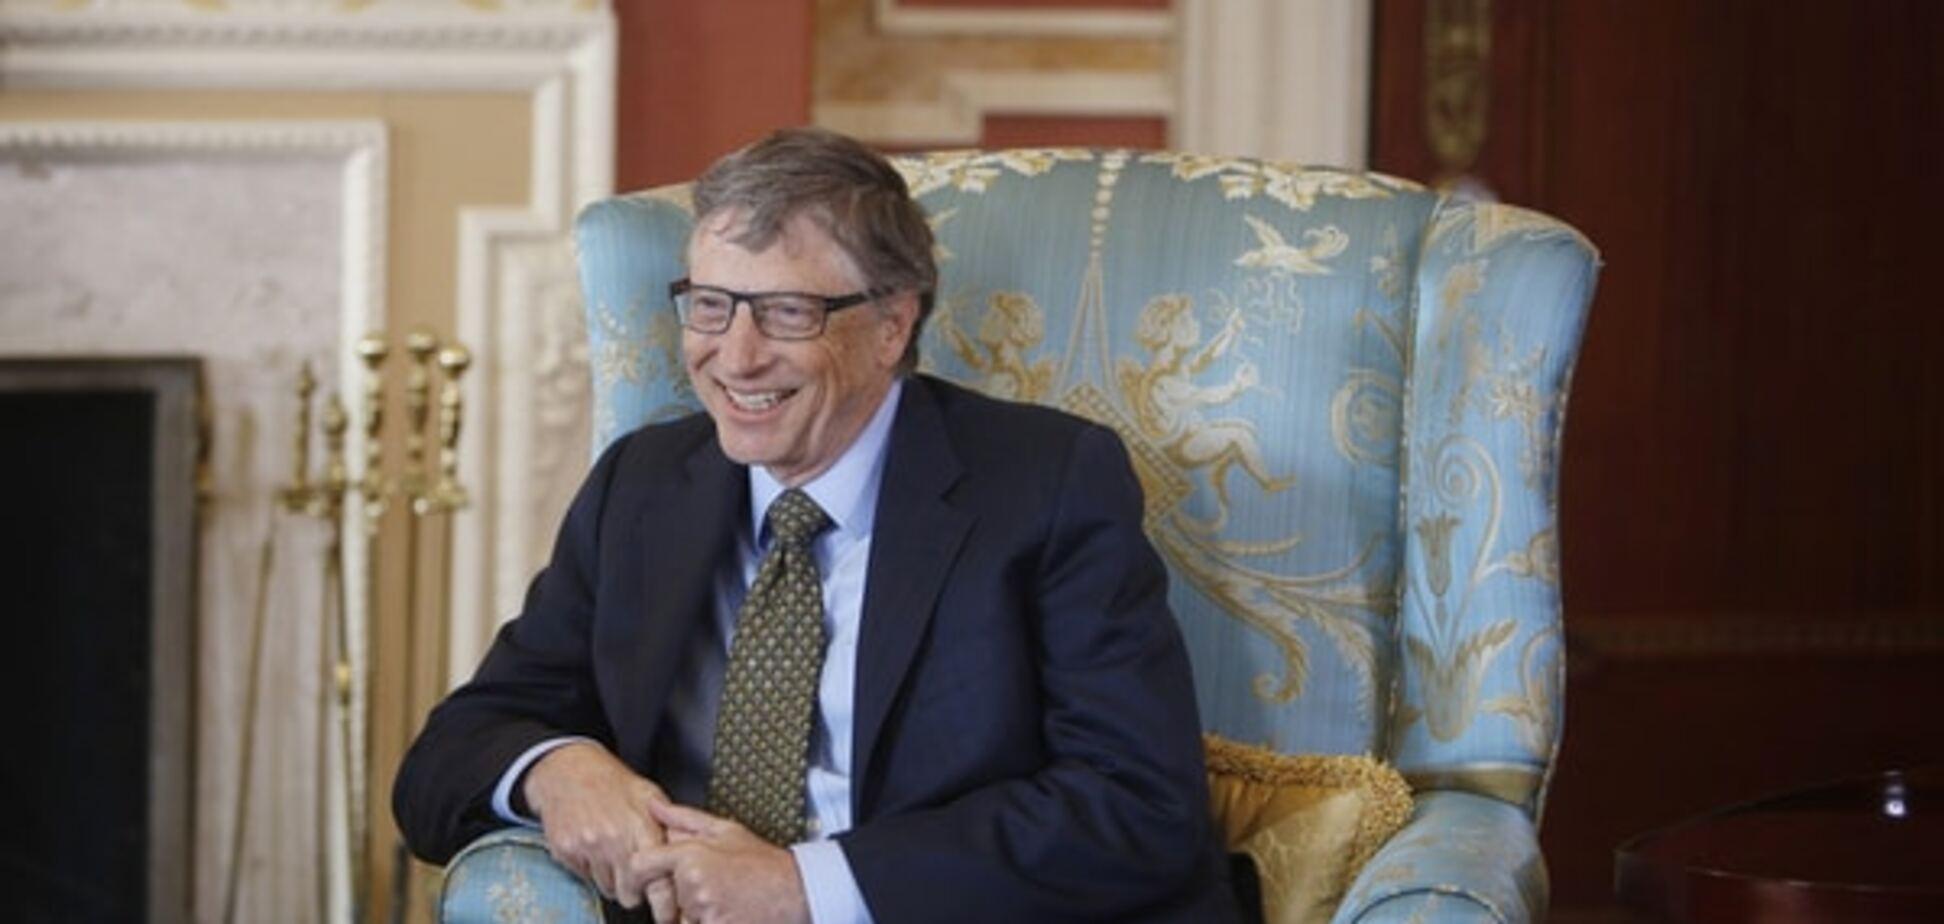 Билл Гейтс: яркие факты из жизни, раритетные фото и любимые книги